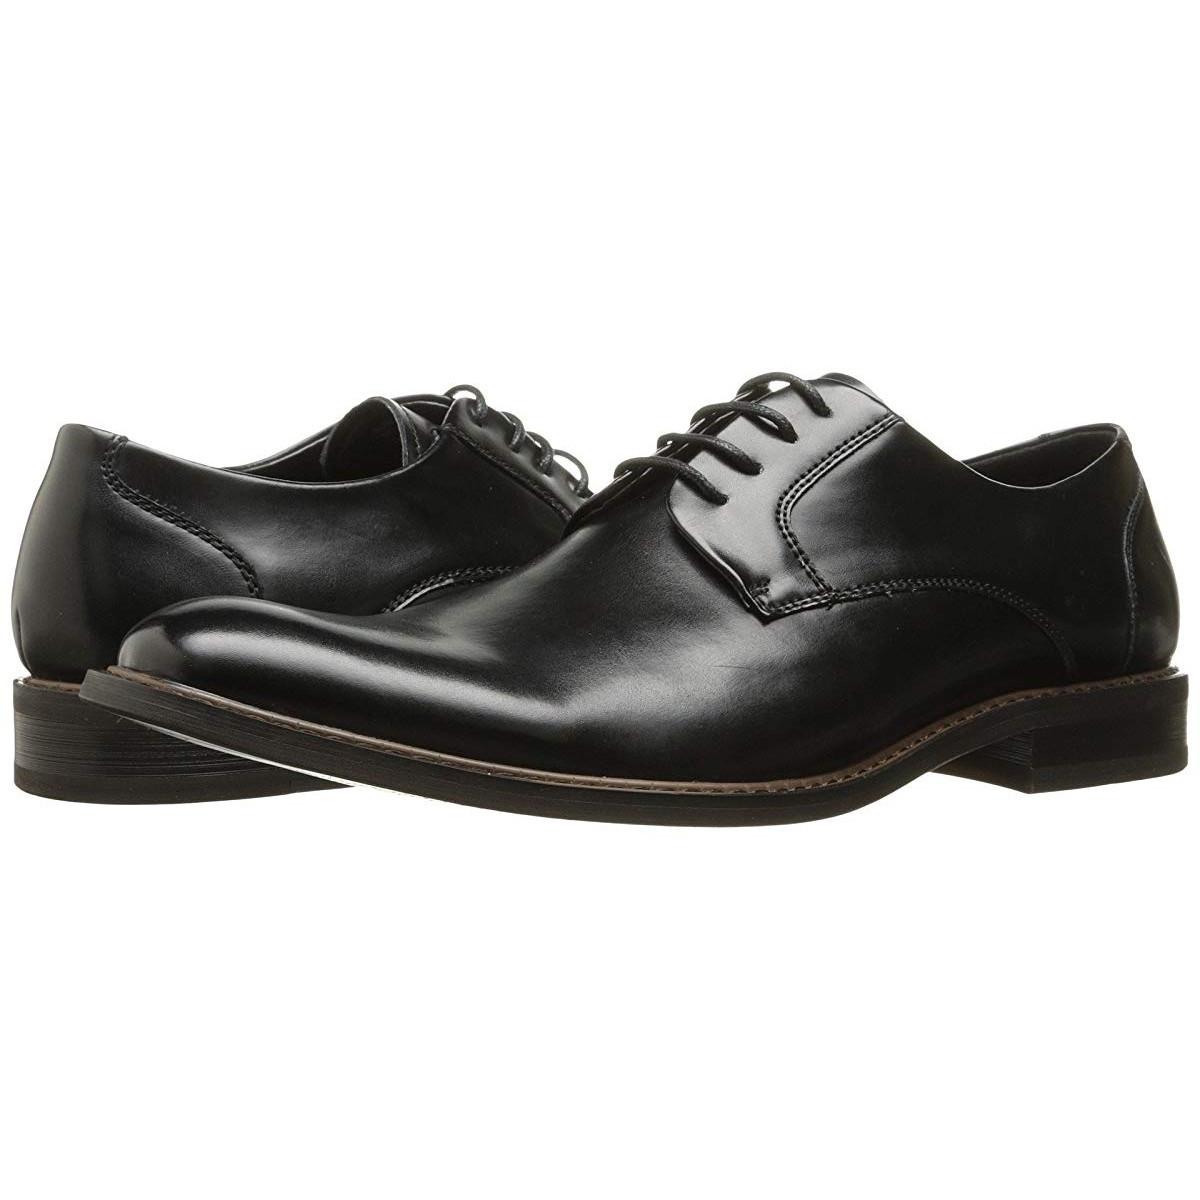 c8f44e30931b01 Купити чоловіче взуття в Луцьку ᐉ Продаж чоловічого взуття, нового ...